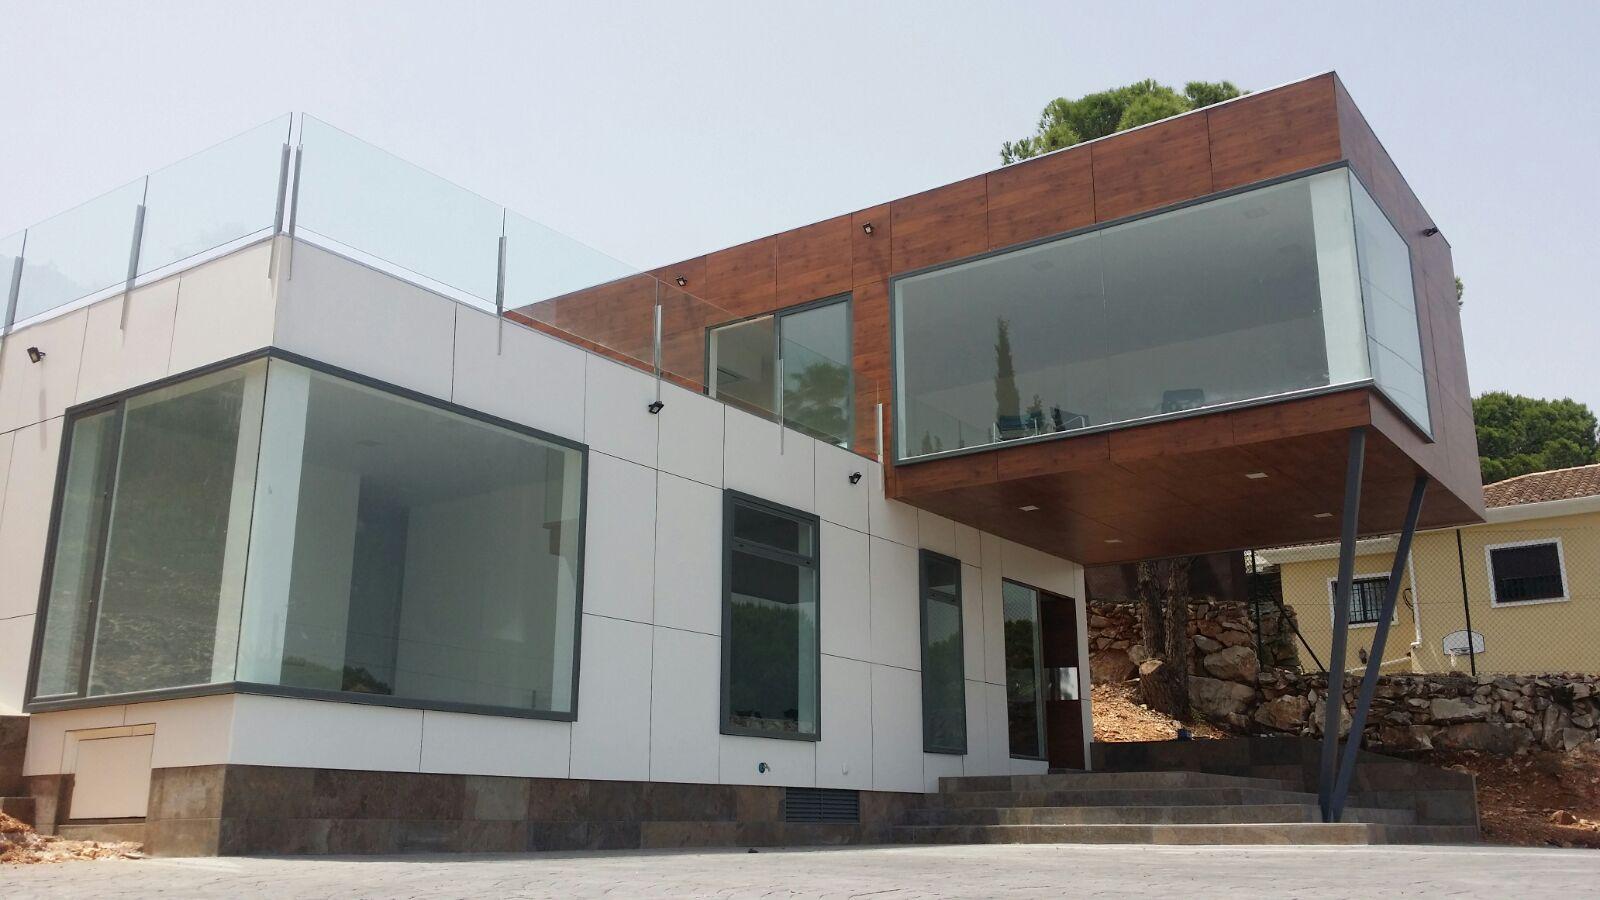 El precio medio de una casa construida con contenedores marítimos es de 600 euros/m2